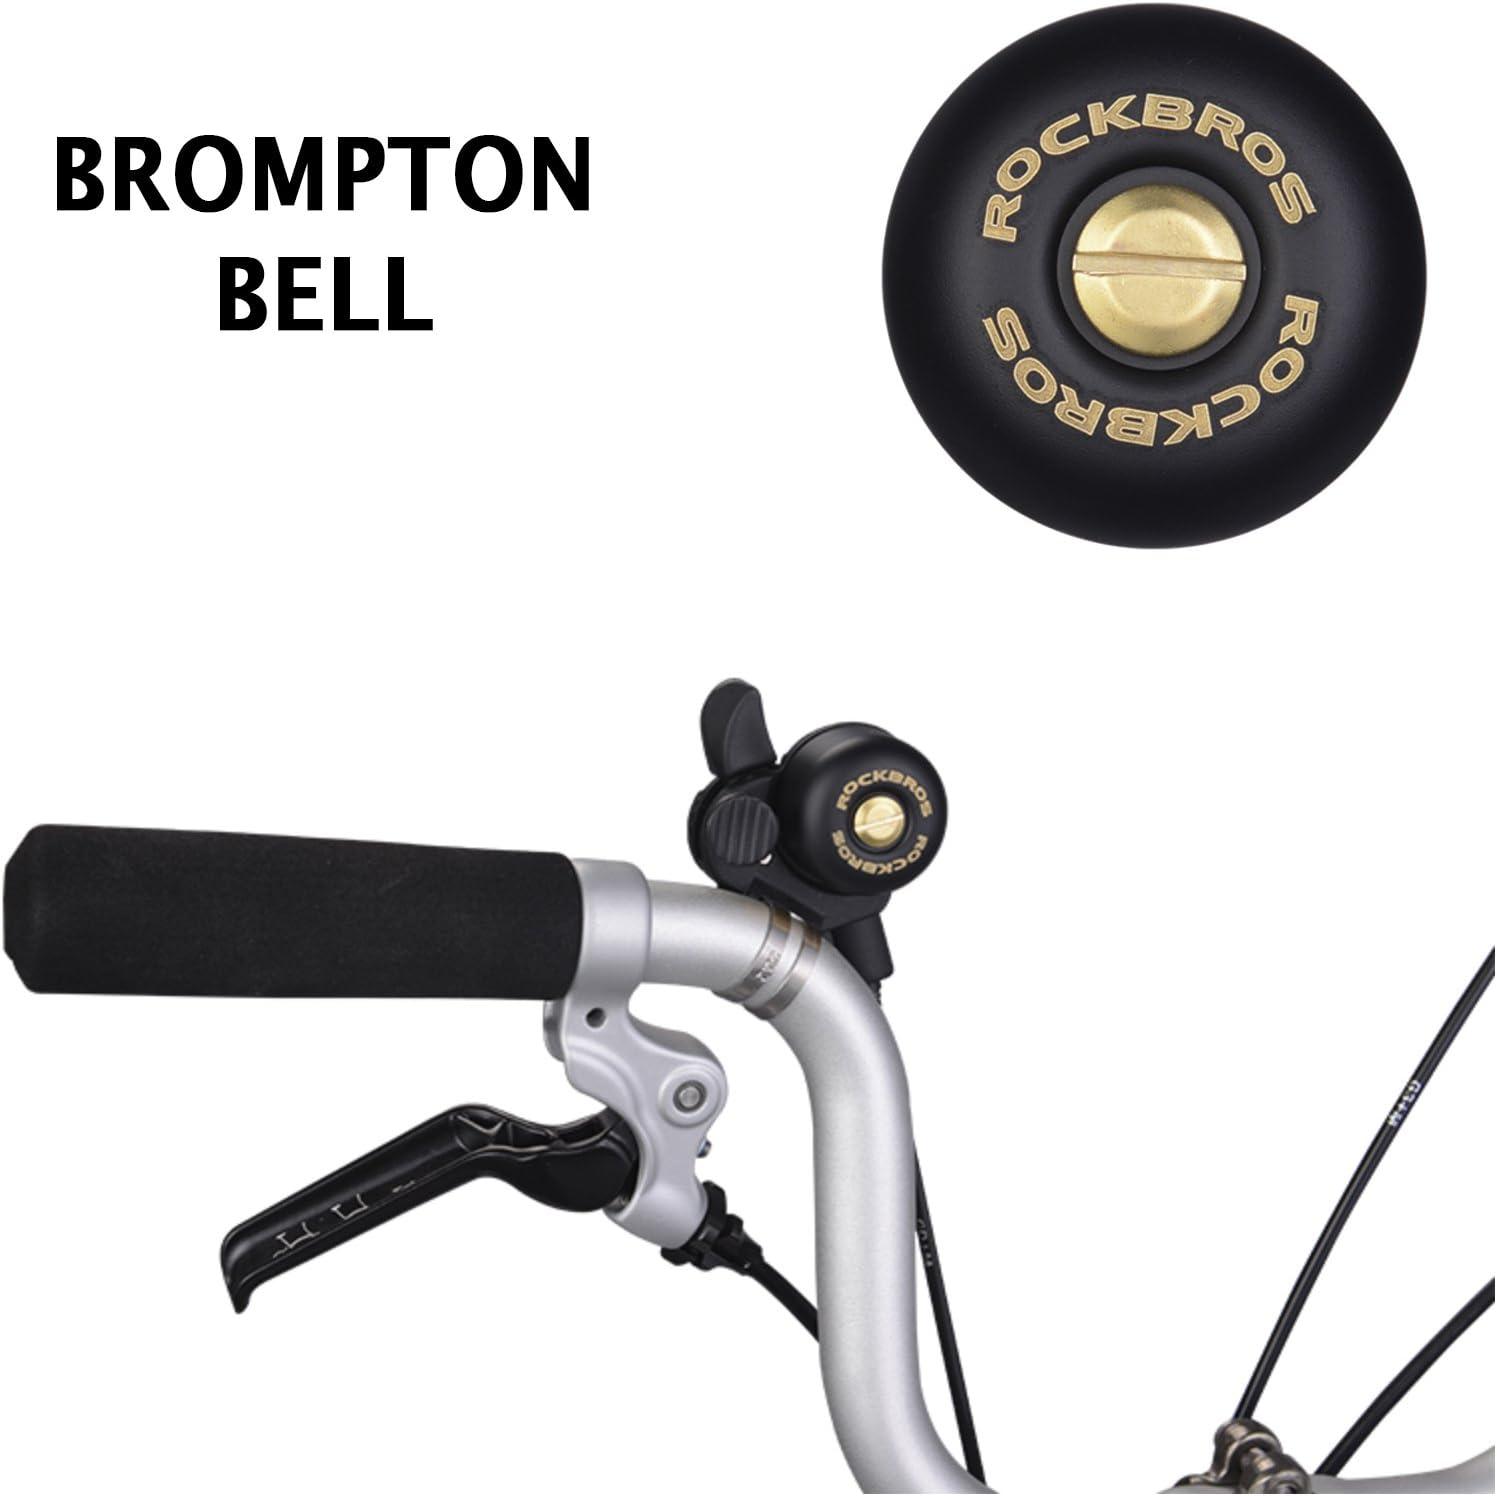 ROCKBROS Brompton – Bell Acero Cobre Personalizado Accesorios ...